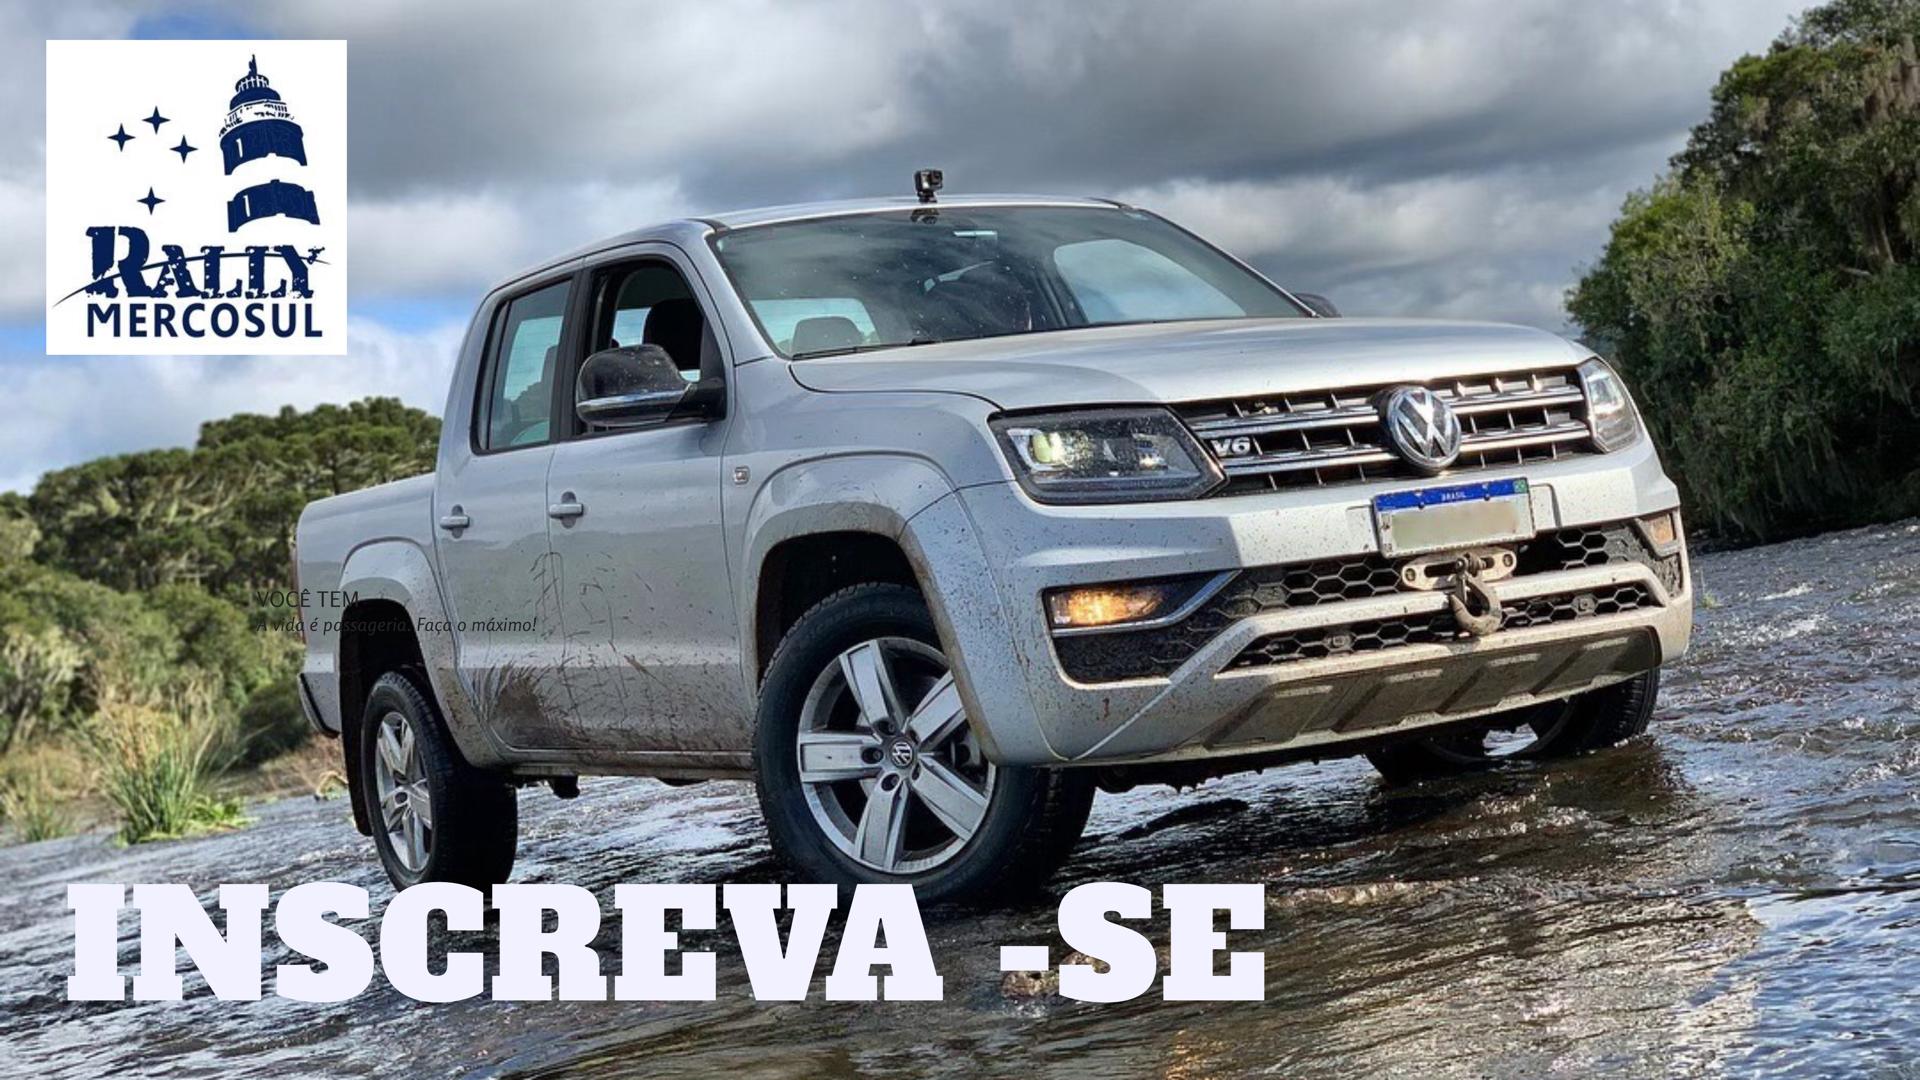 Rally Mercosul 2019 Aventura